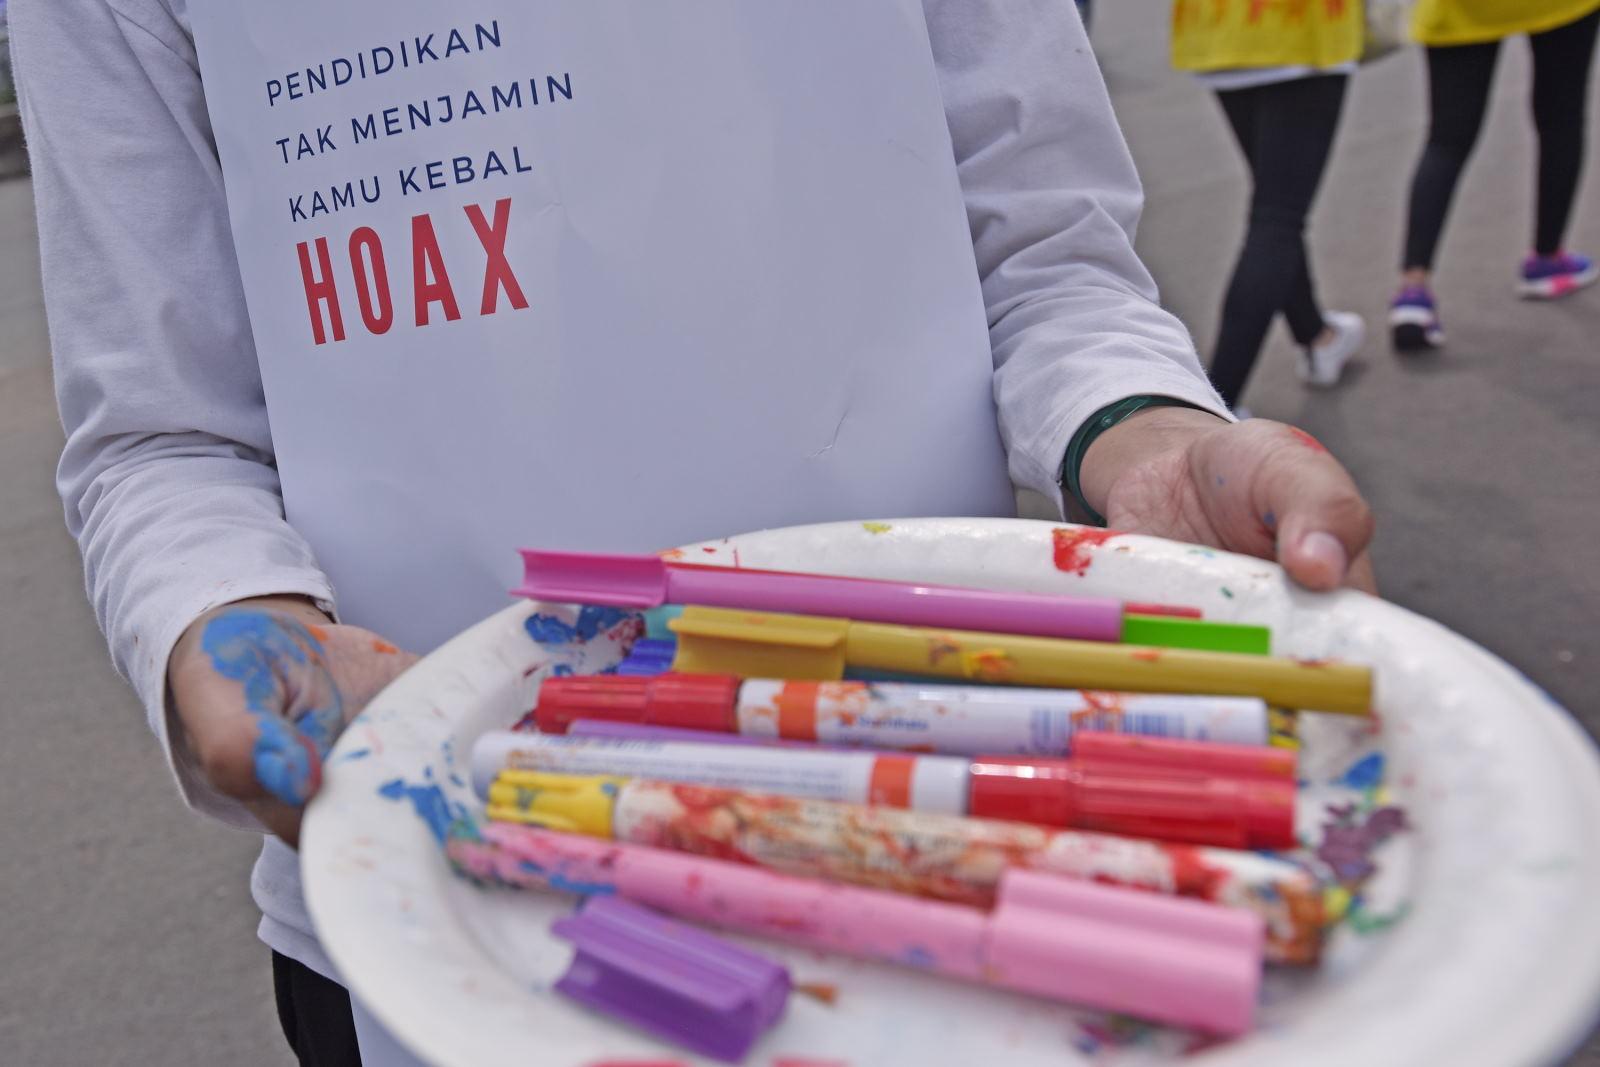 Hoax, Manipulasi Berita yang Sengaja Disebarluaskan